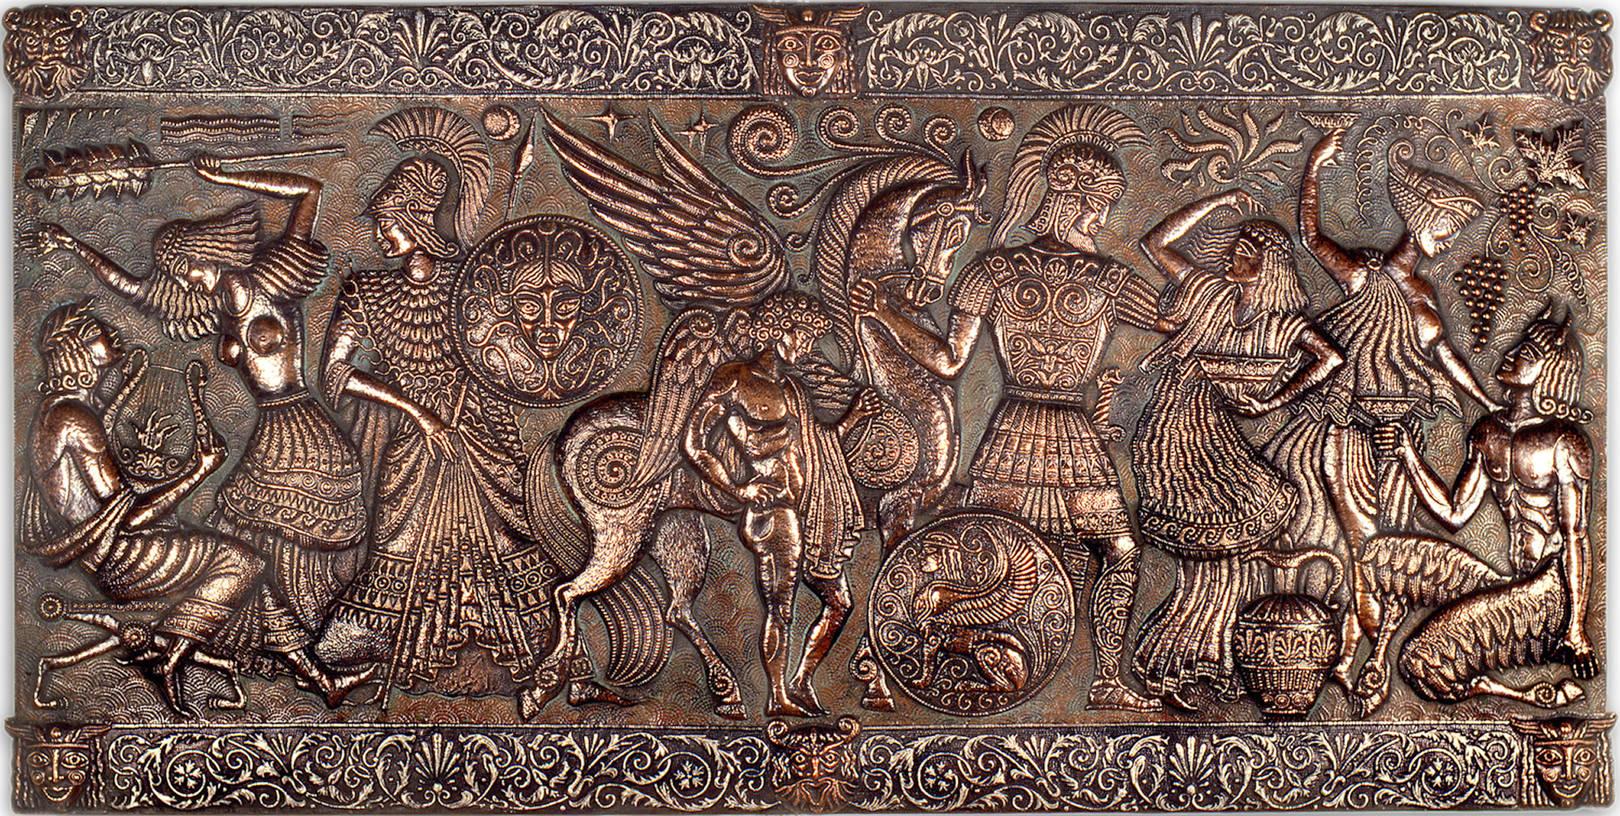 Эллада мифологическая (панно) 1978 г. Медь, алюминий; чернение, патинирование 78 х 152 см